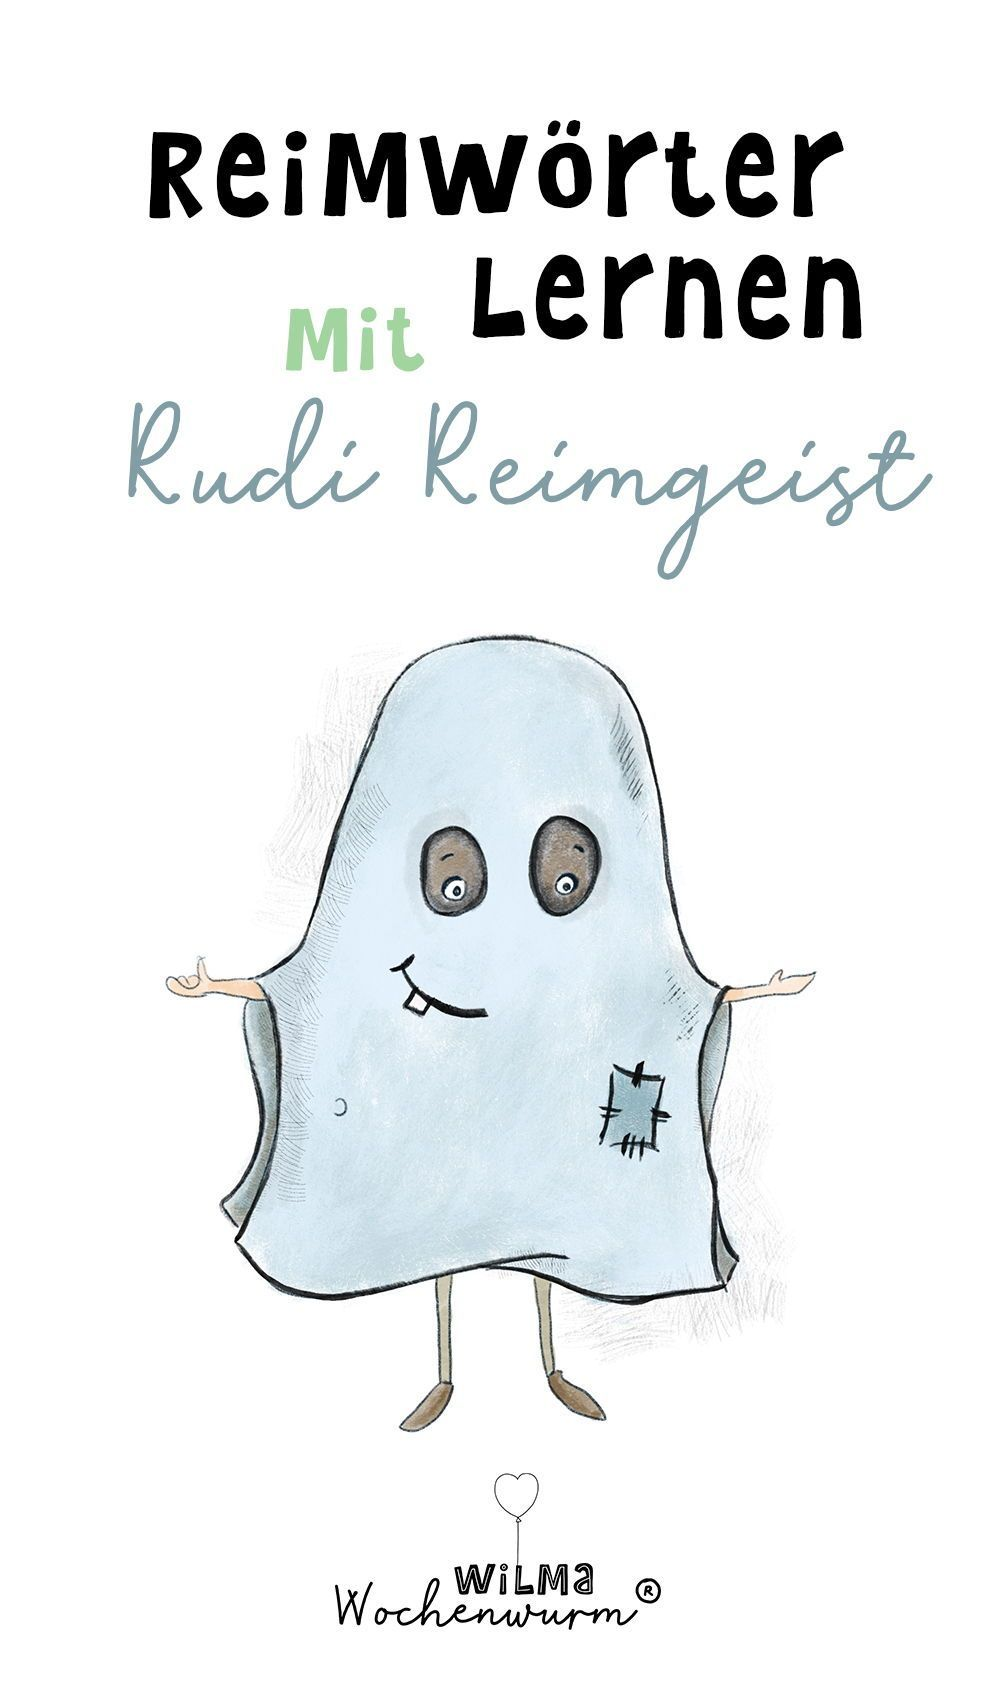 Reimwörter lernen mit Rudi Reimgeist für Kinder